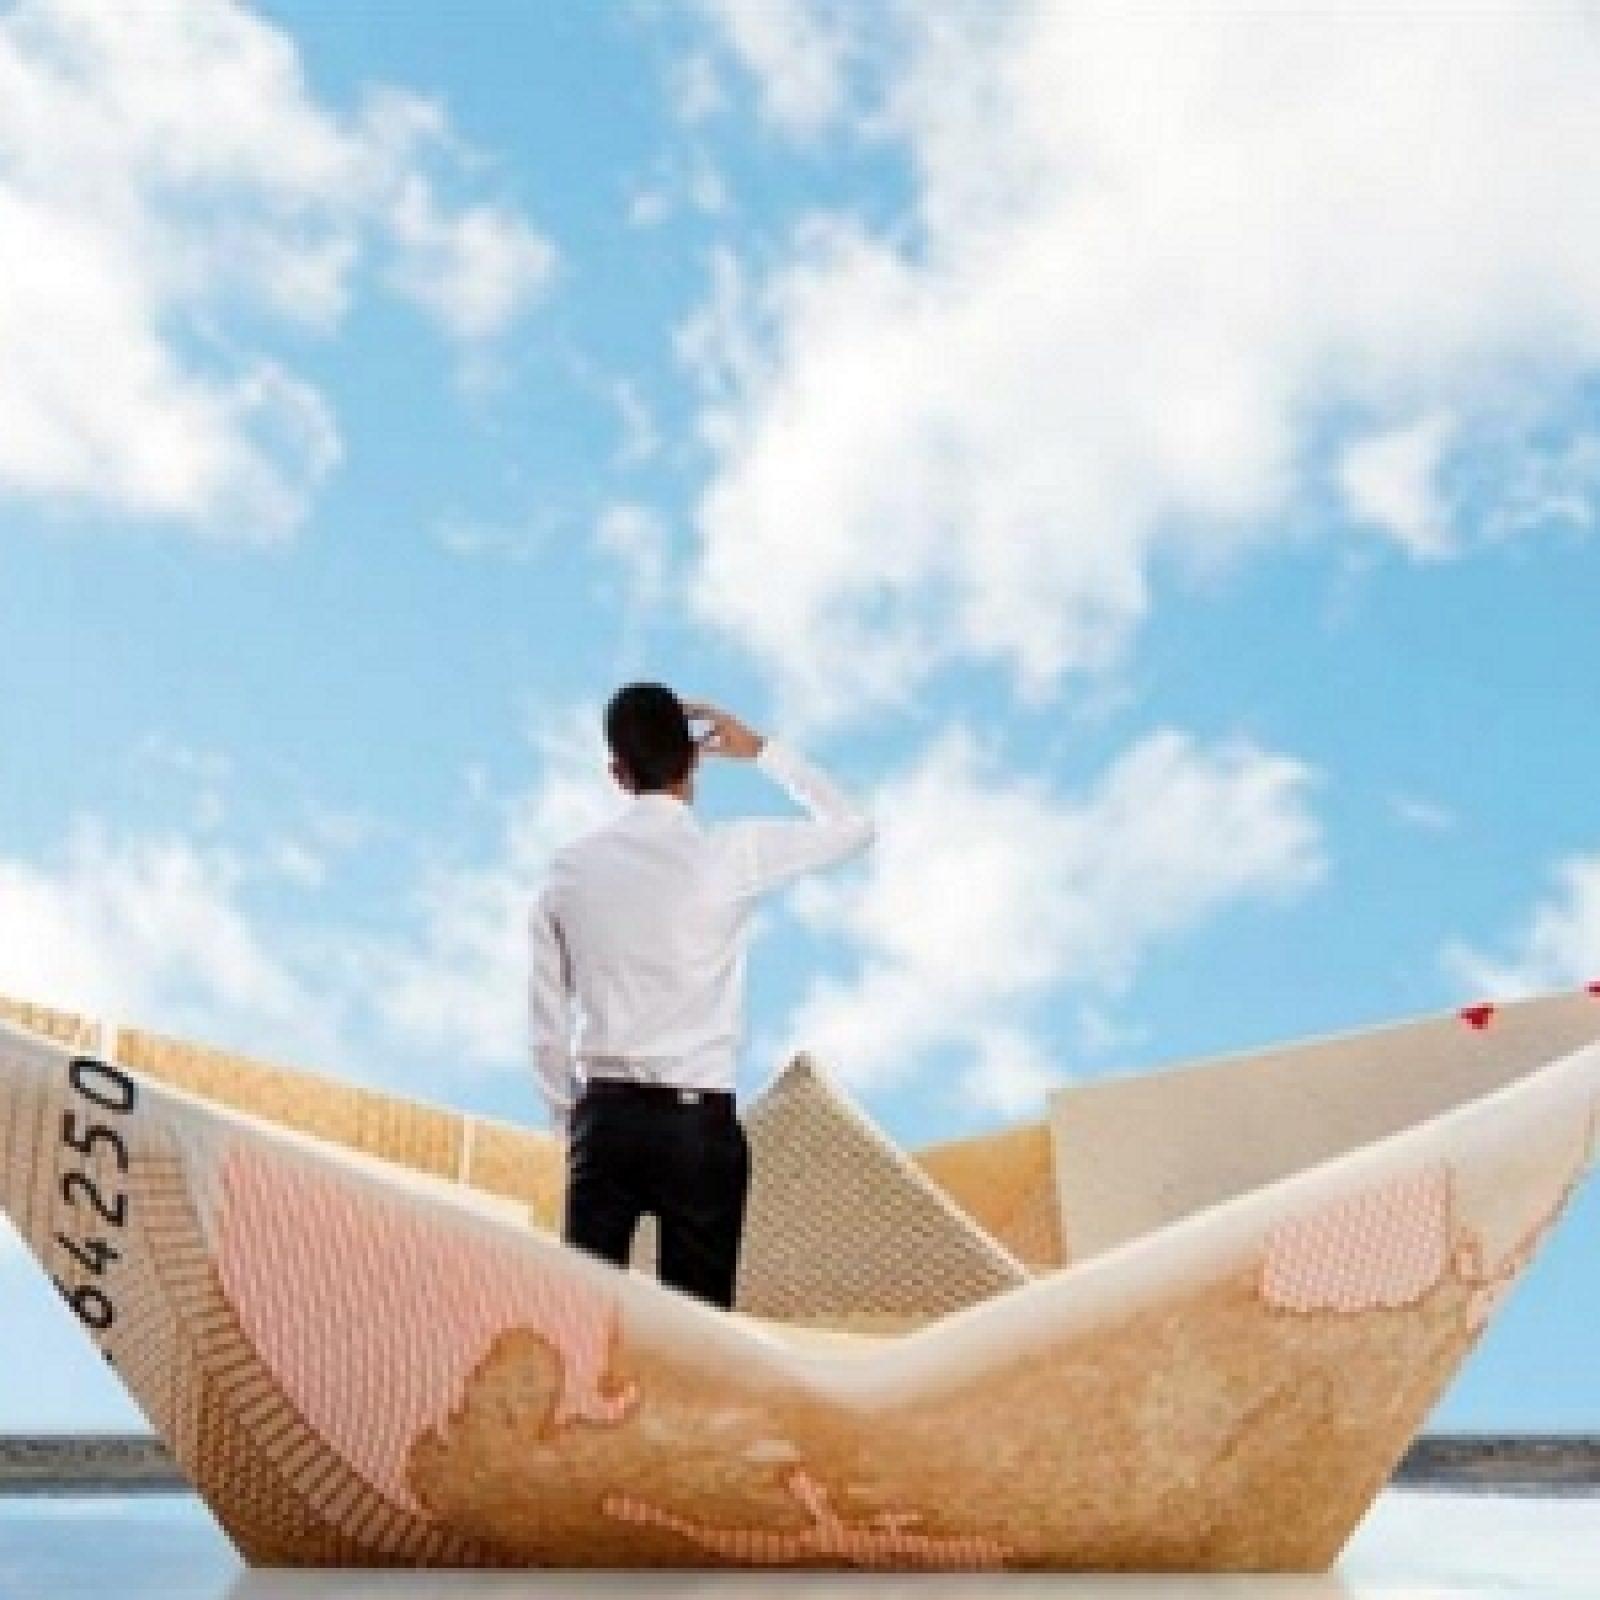 Piano del consumatore: alla consulta  l'impossibilità di falcidiare i crediti assegnati in sede esecutiva